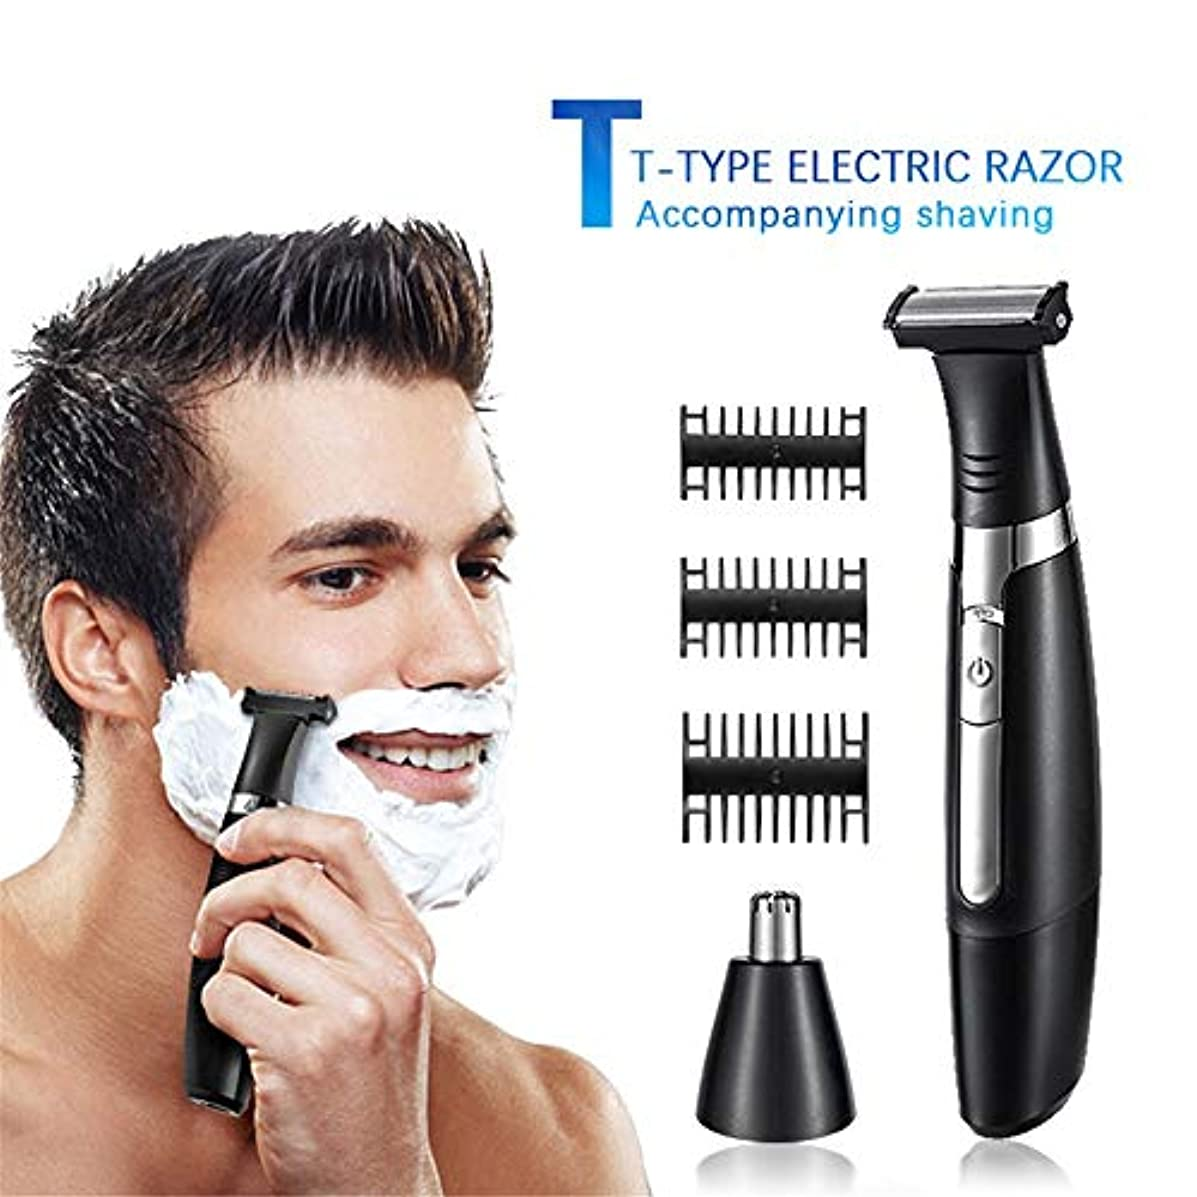 インストラクターふさわしい闘争1バリカンシェーバーでヒゲトリマー男性、鼻毛トリマー、2、USB充電式グルーミングキット、全身洗える、急速充電